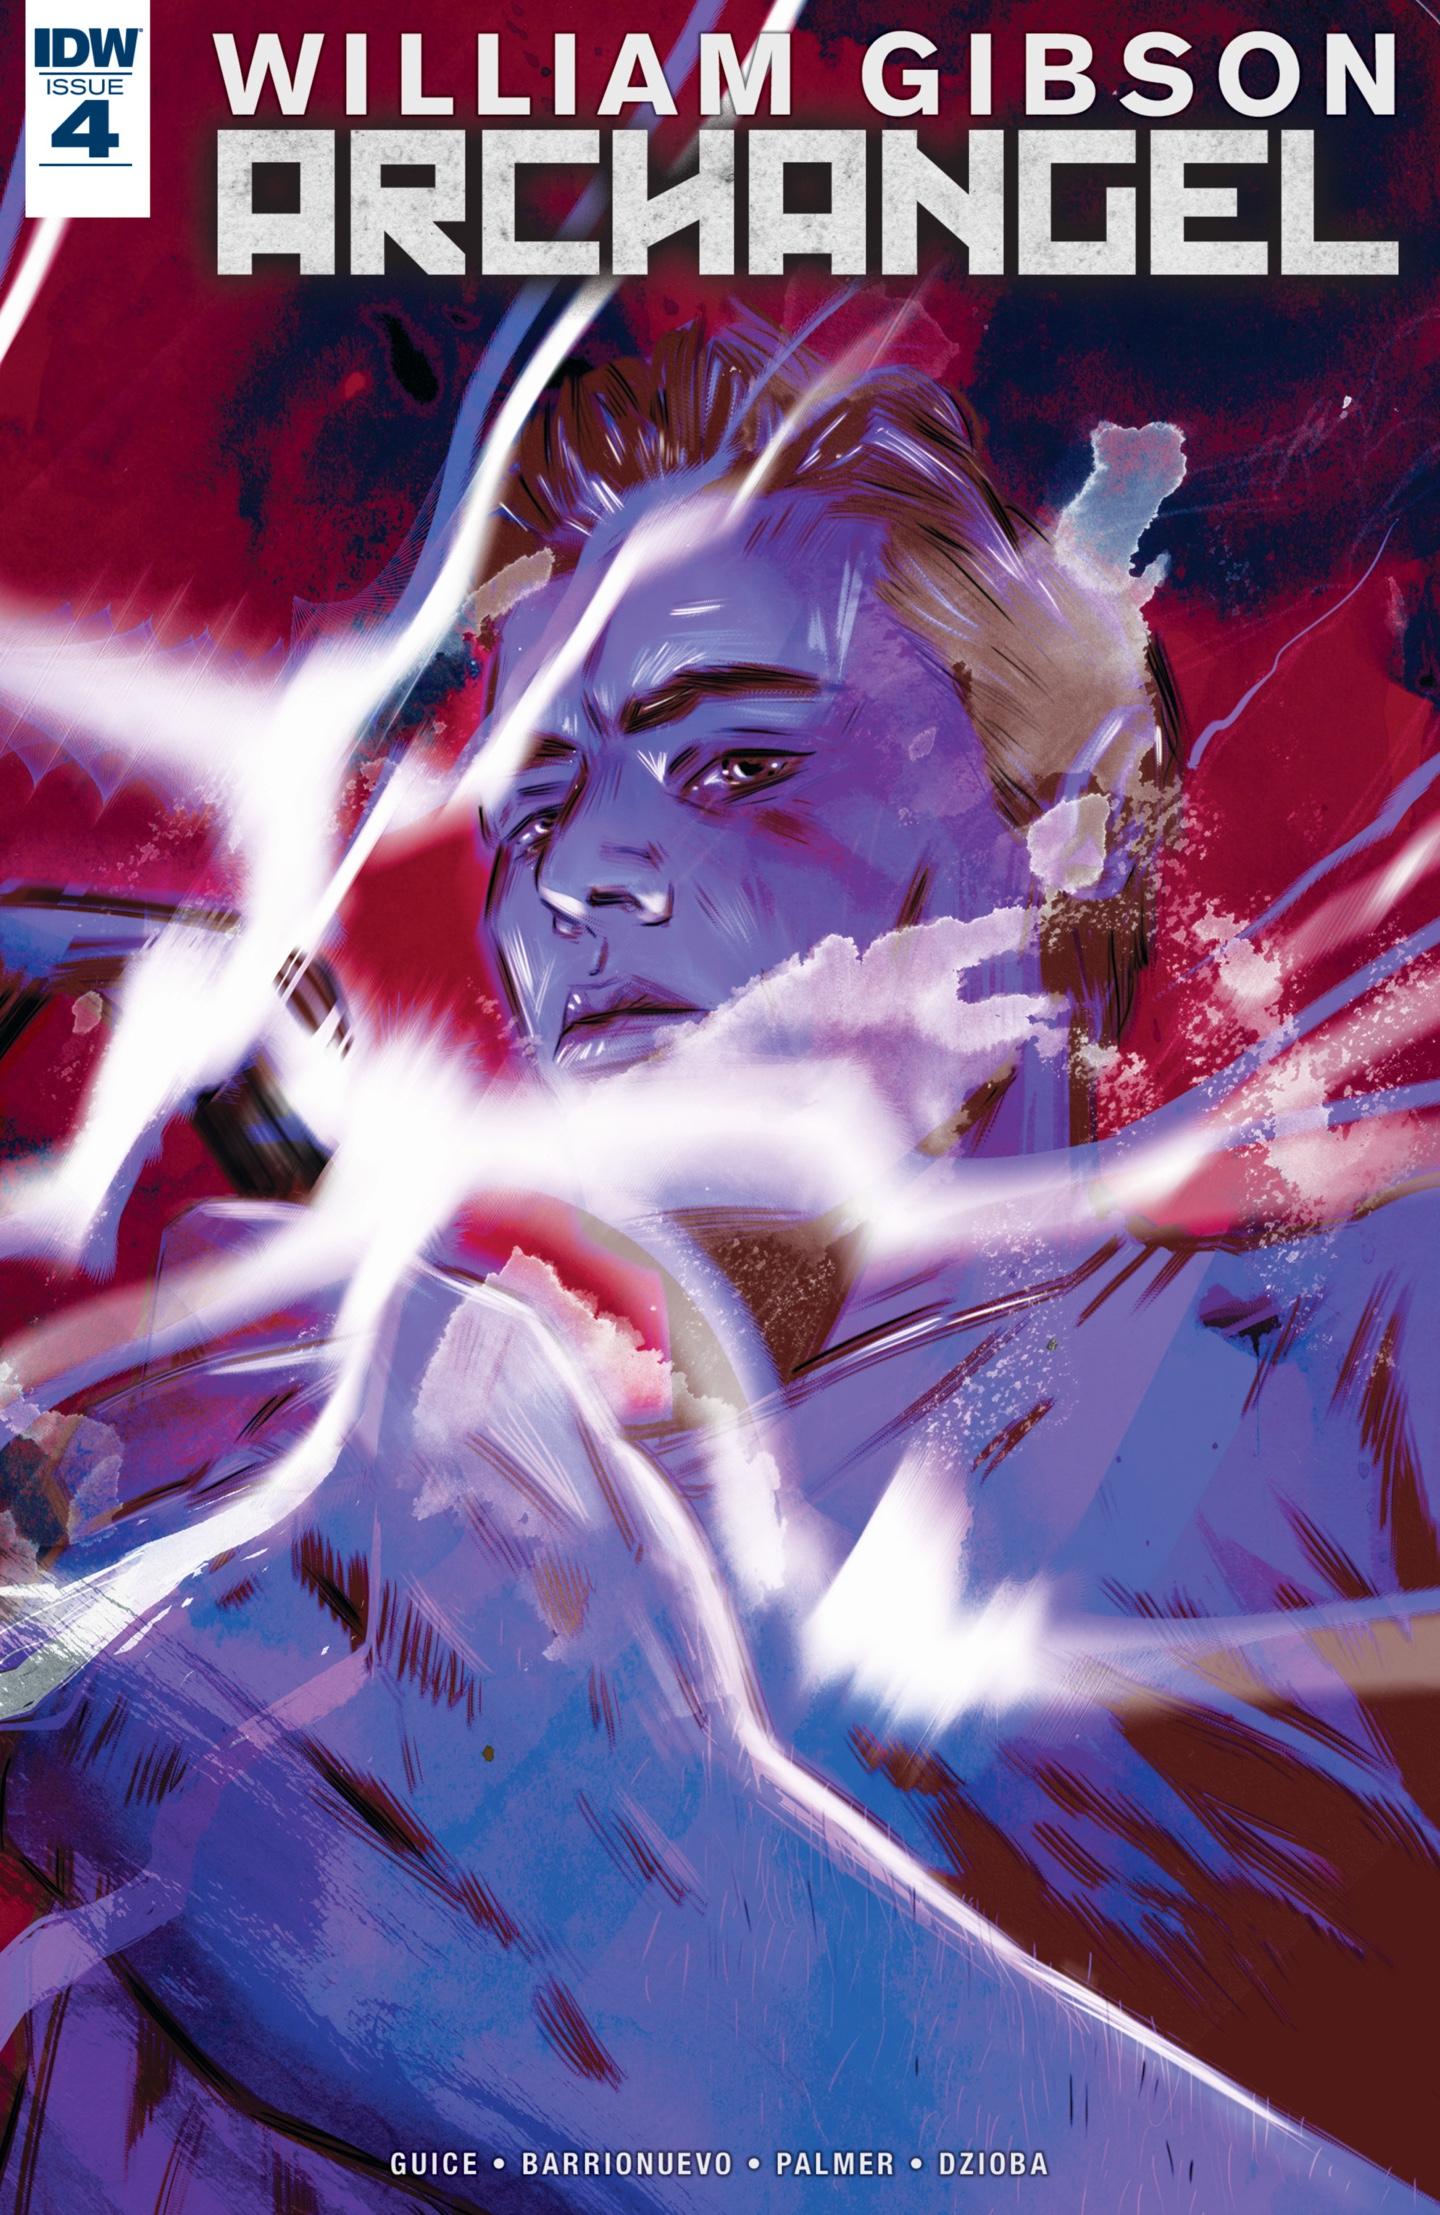 Couverture Archangel #4, image IDW